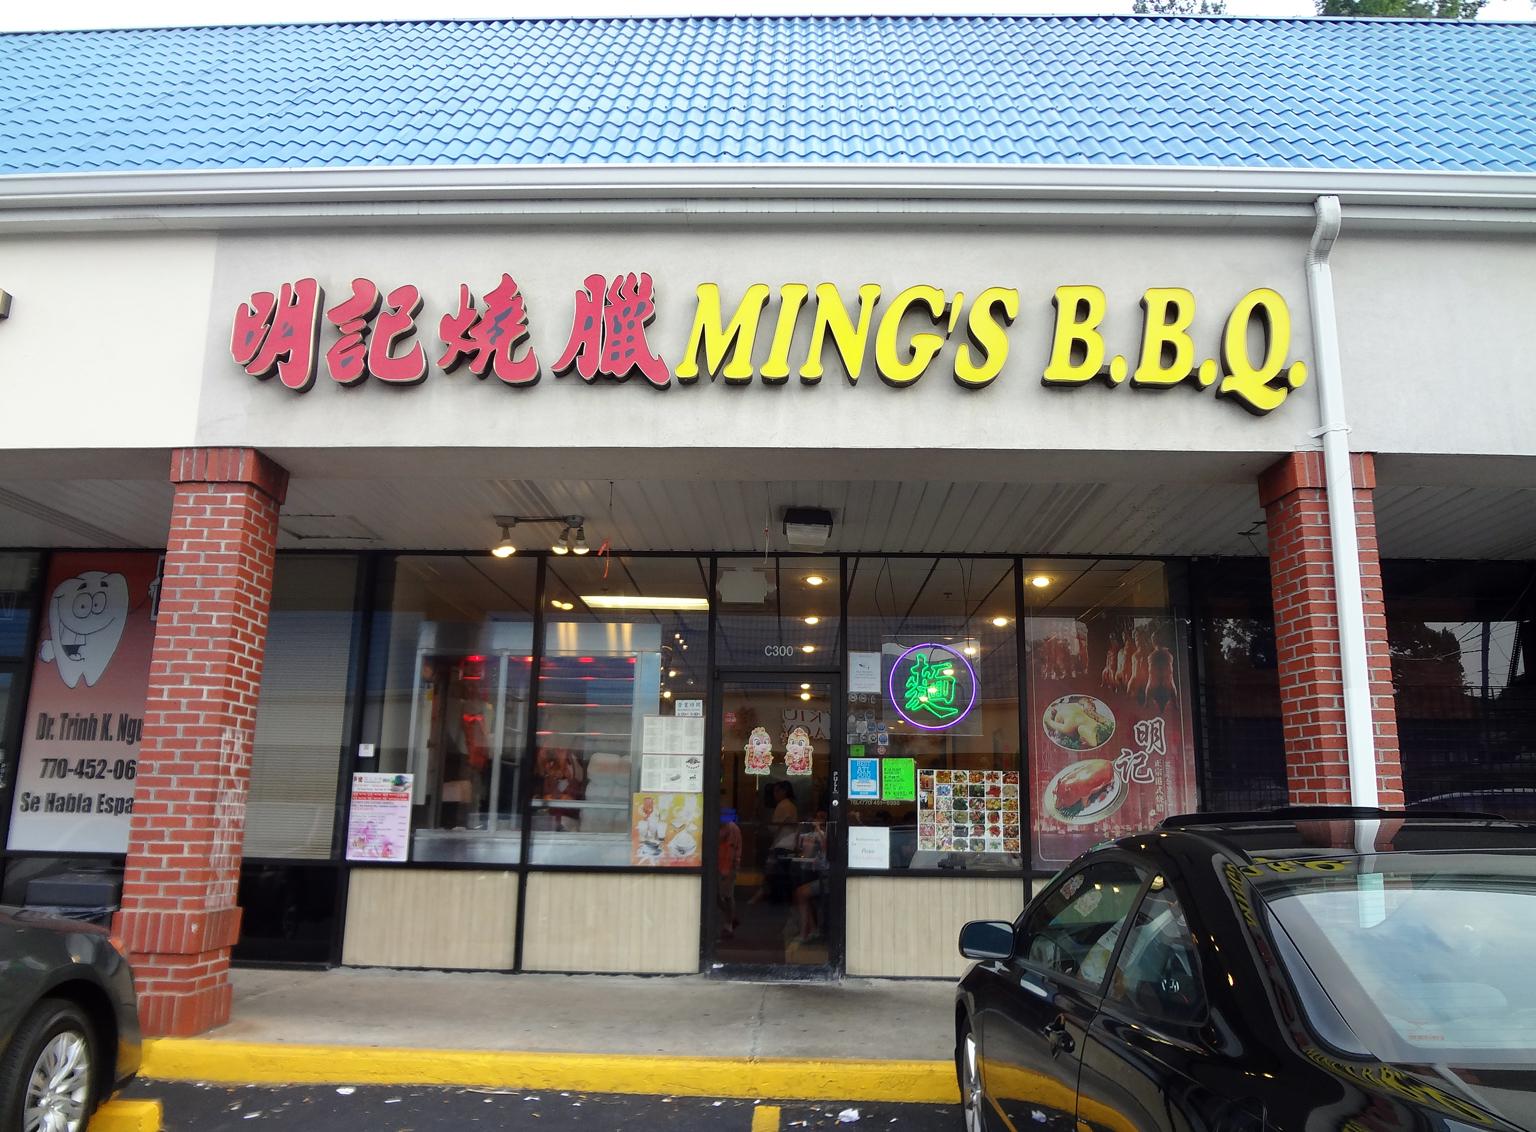 Mings BBQ